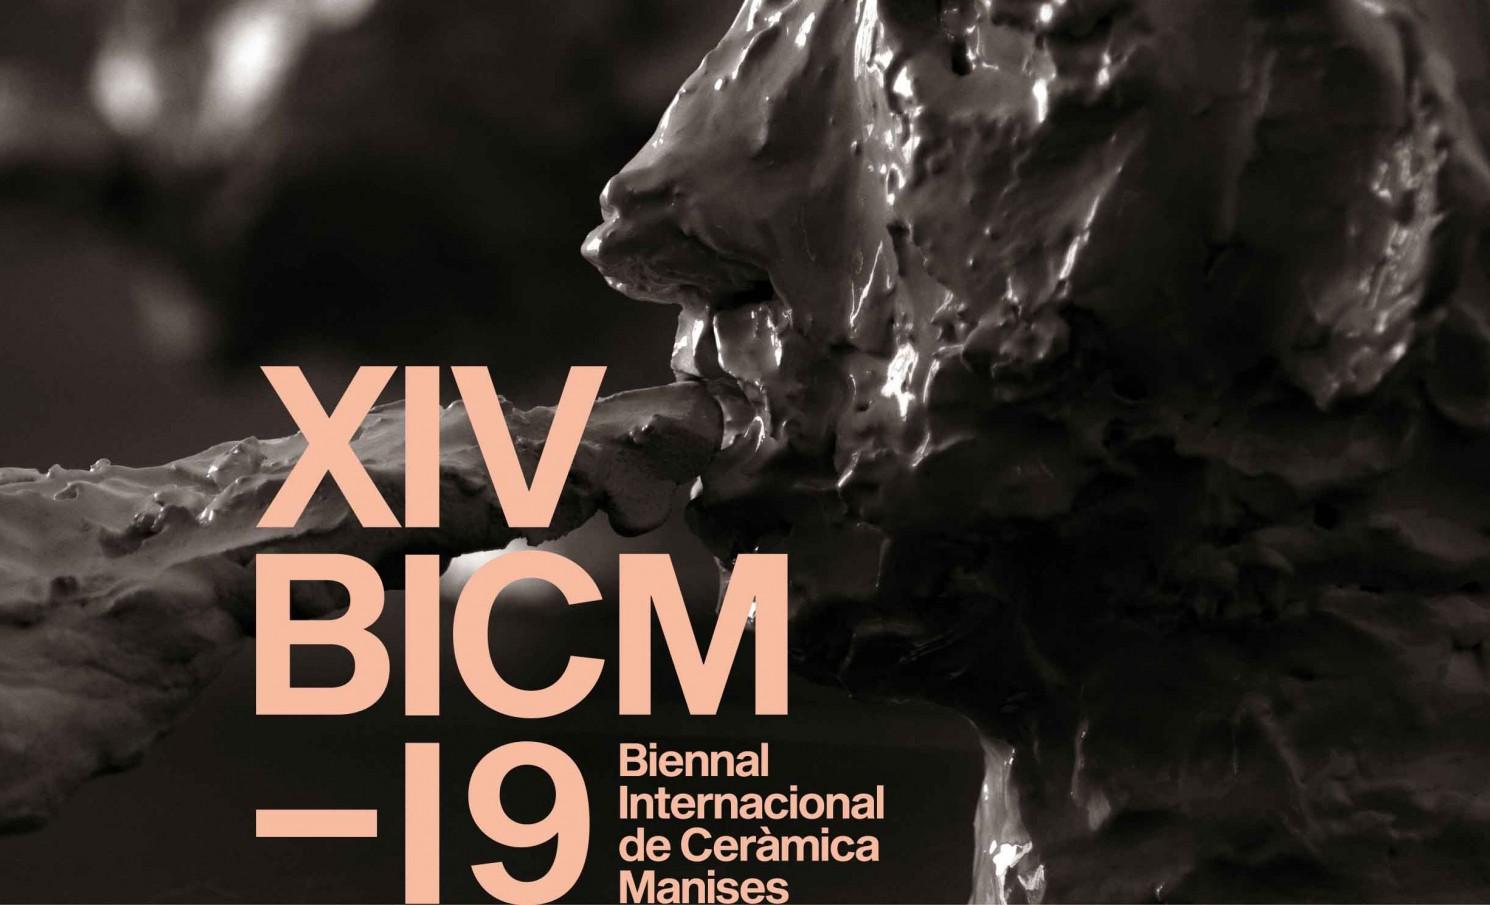 XIV Bienal Internacional de Cerámica de Manises